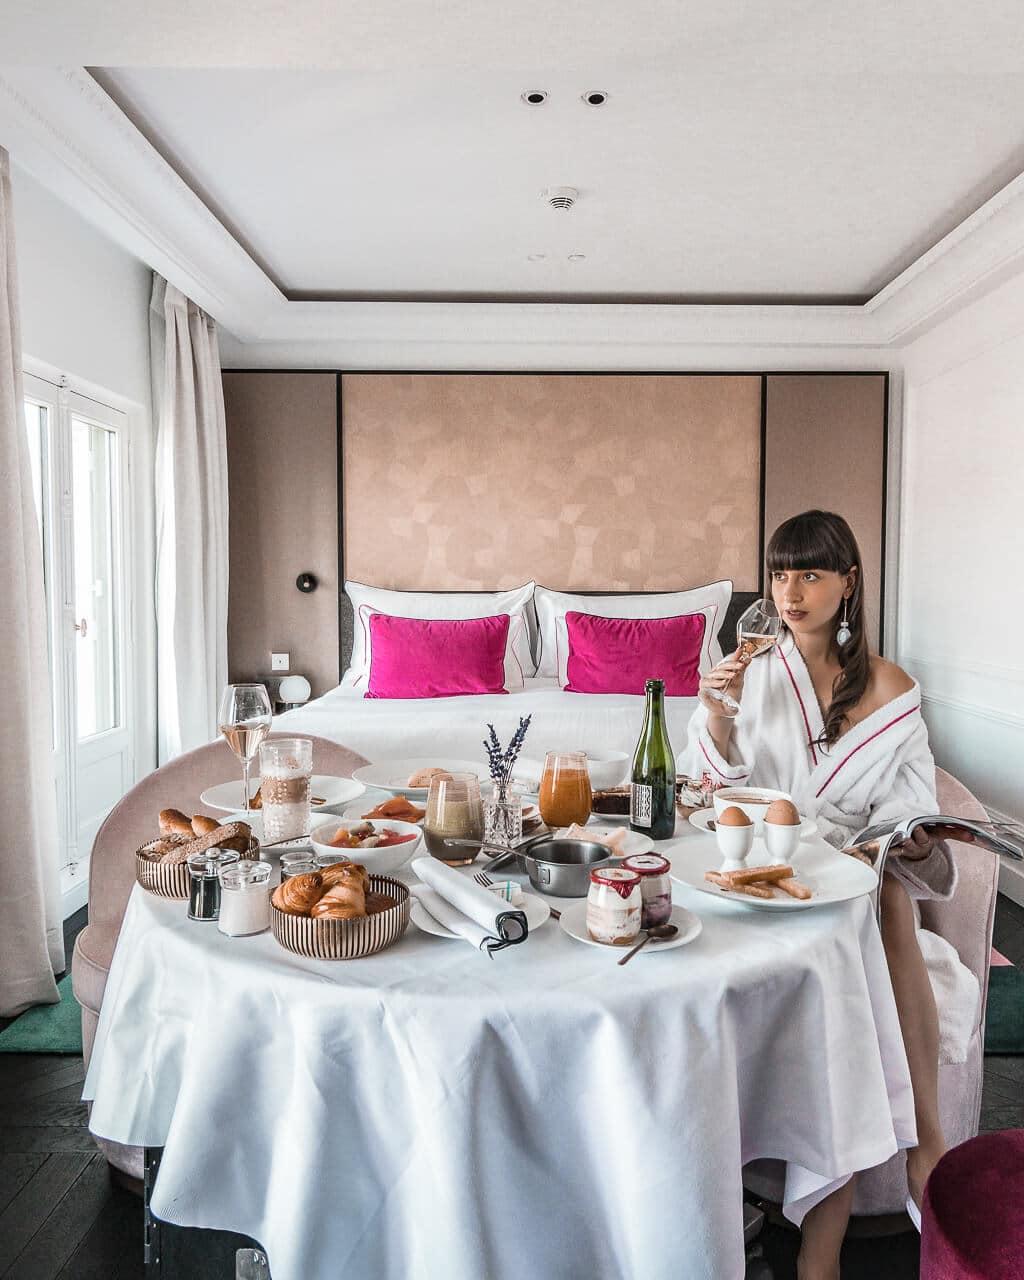 פריז- תמונות שעושות חשק לארוז מזוודה ולעלות על טיסה לעיר הרומנטית ביותר בעולם